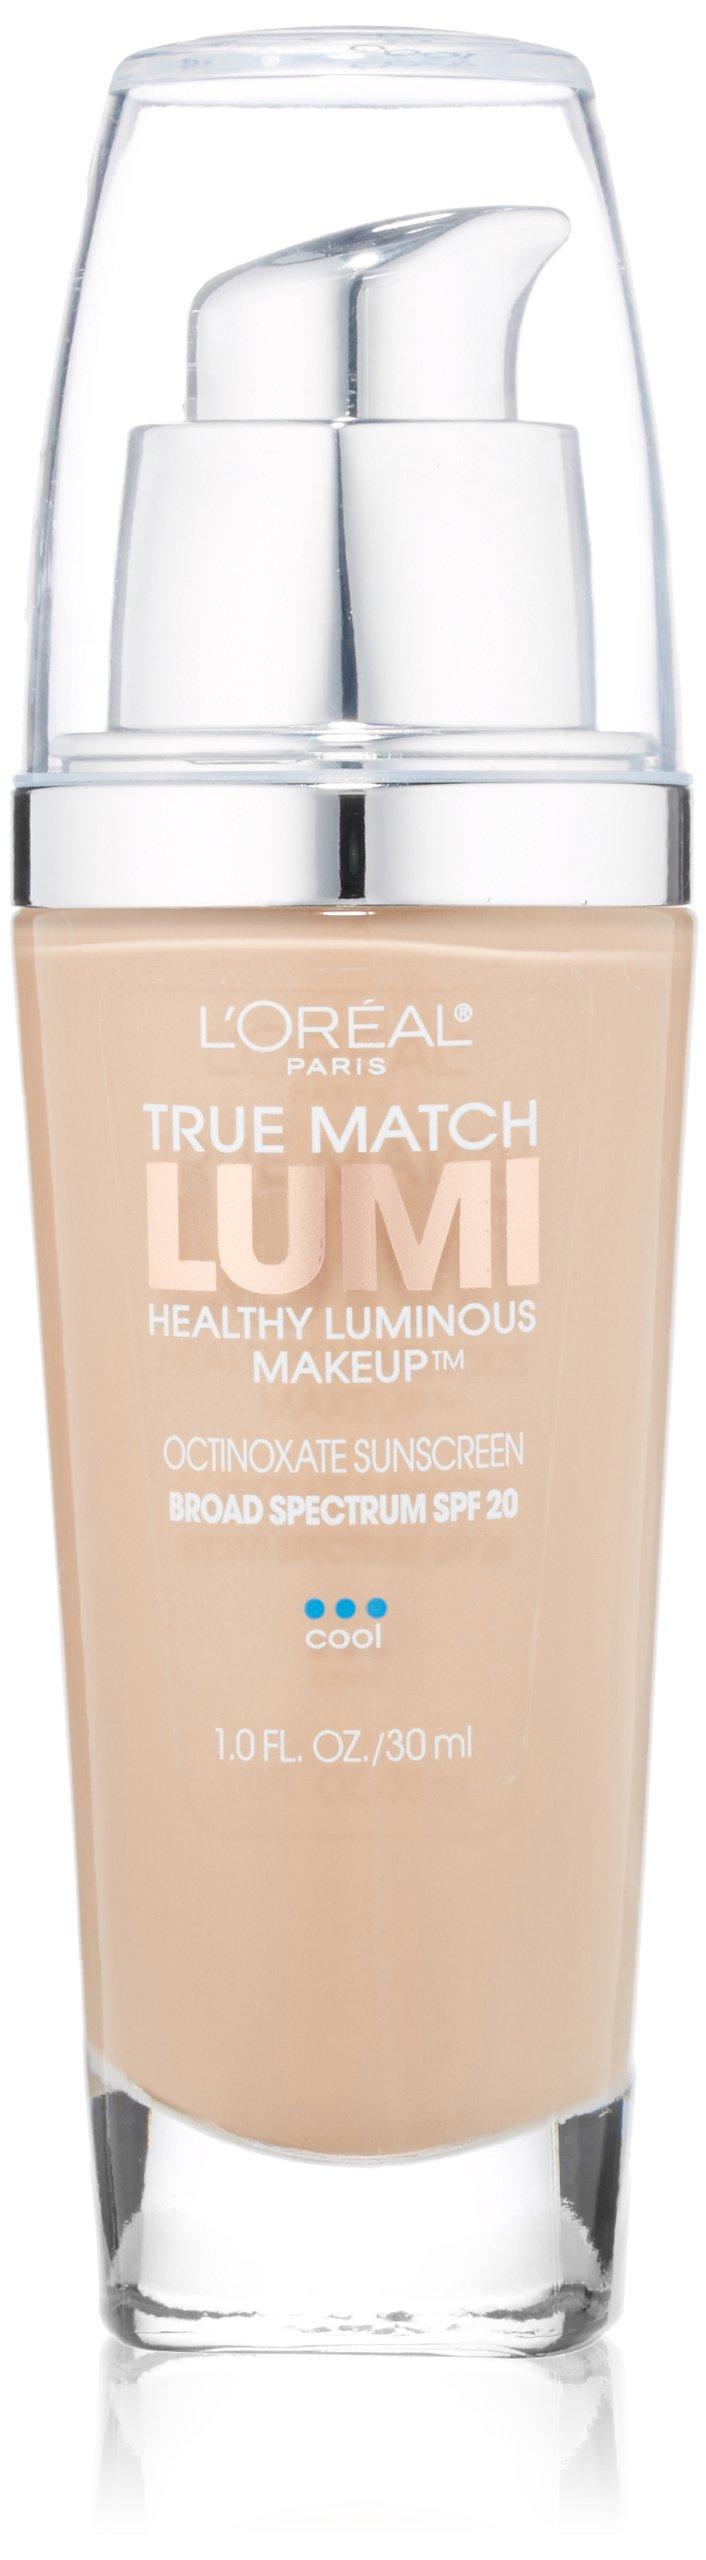 L'Oréal Paris True Match Lumi Healthy Luminous Makeup, C3 Creamy Natural, 1 fl. oz.